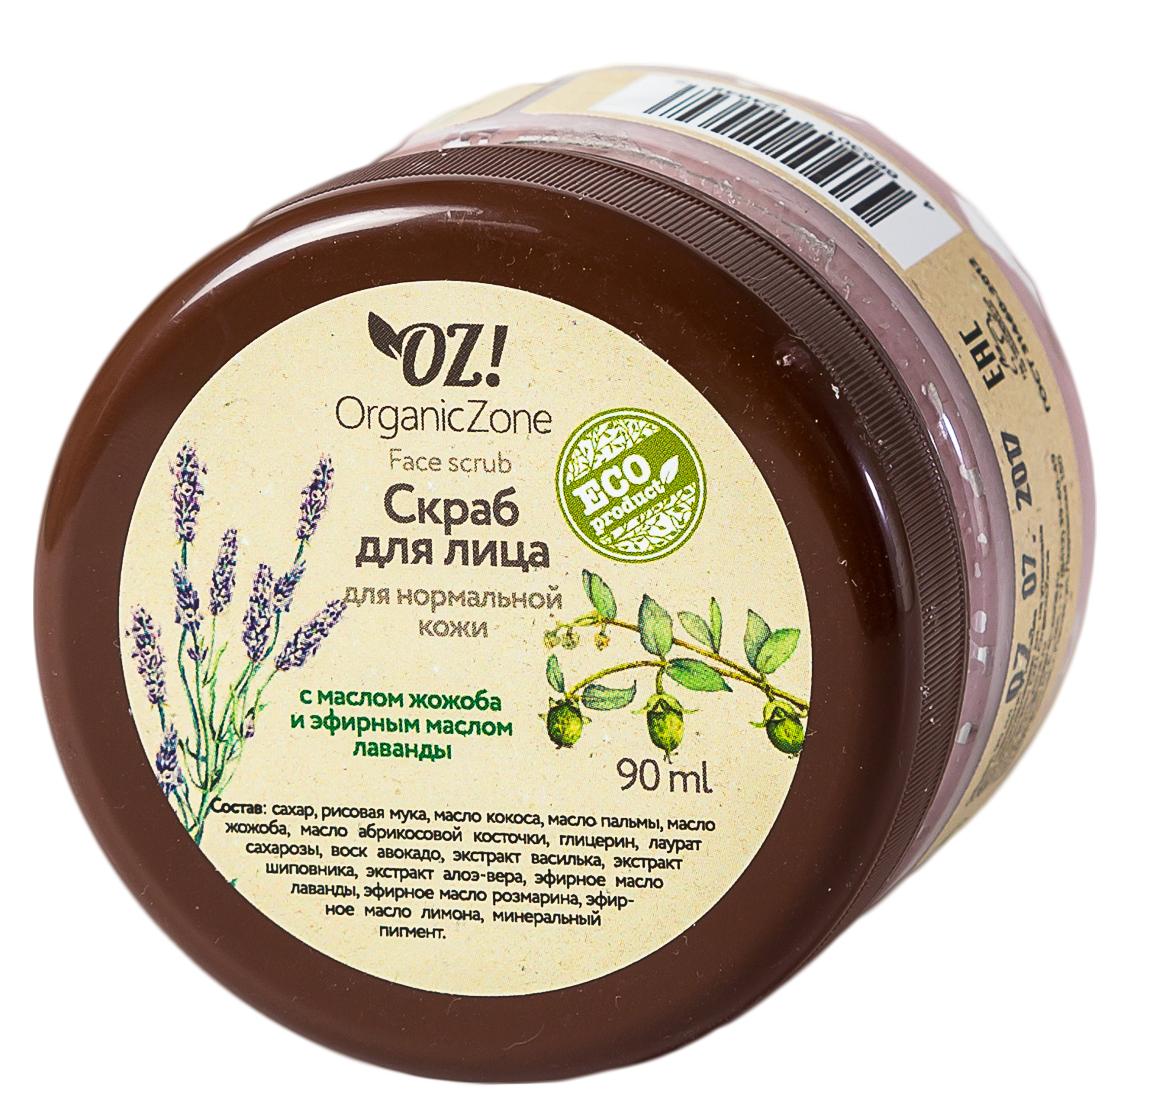 OrganicZone Скраб для лица для нормальной кожи, 90 мл4665301124648Масло жожоба обладает регенерирующими и тонизирующими свойствами. Отлично увлажняет кожу лица, придает ей ровный красивый цвет. Эфирное масло лаванды тонизирует и восстанавливает кожу, способствует выведению токсинов.